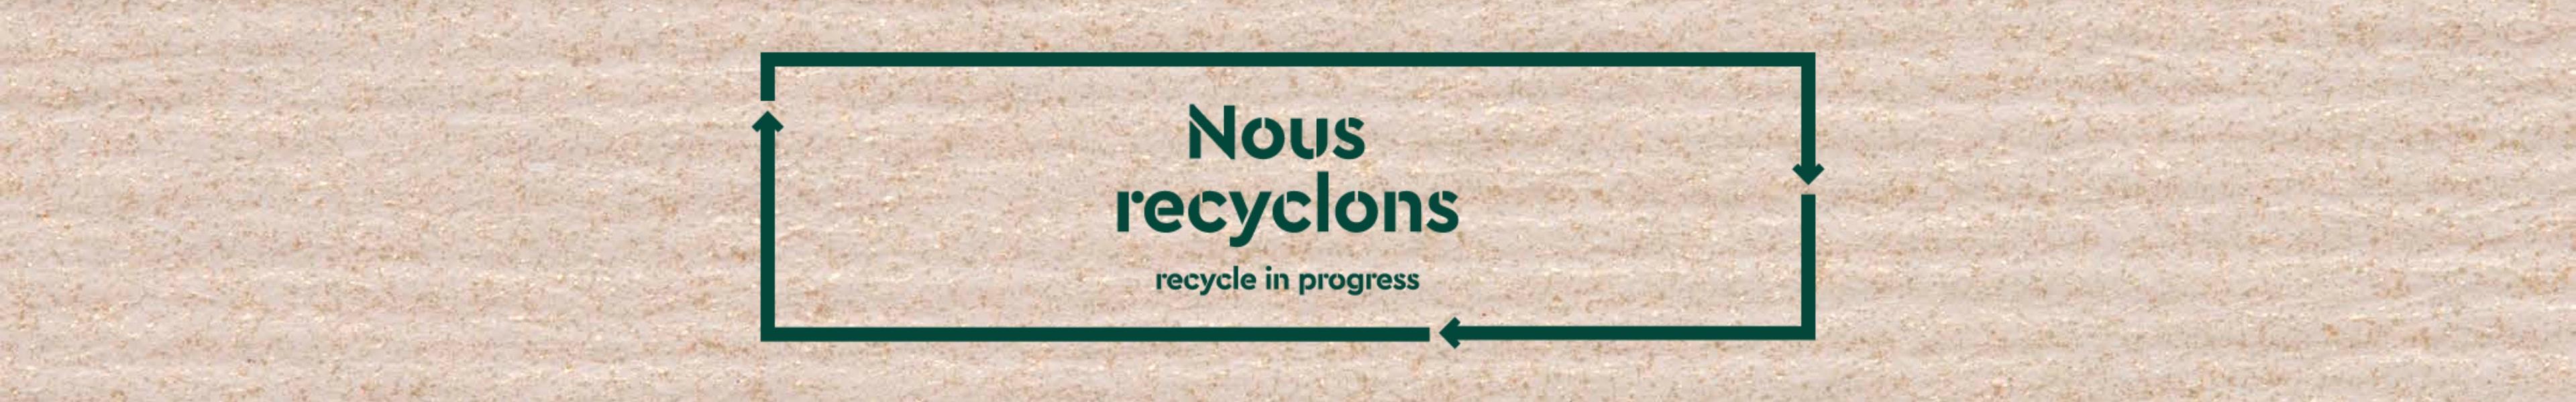 Nous recyclons